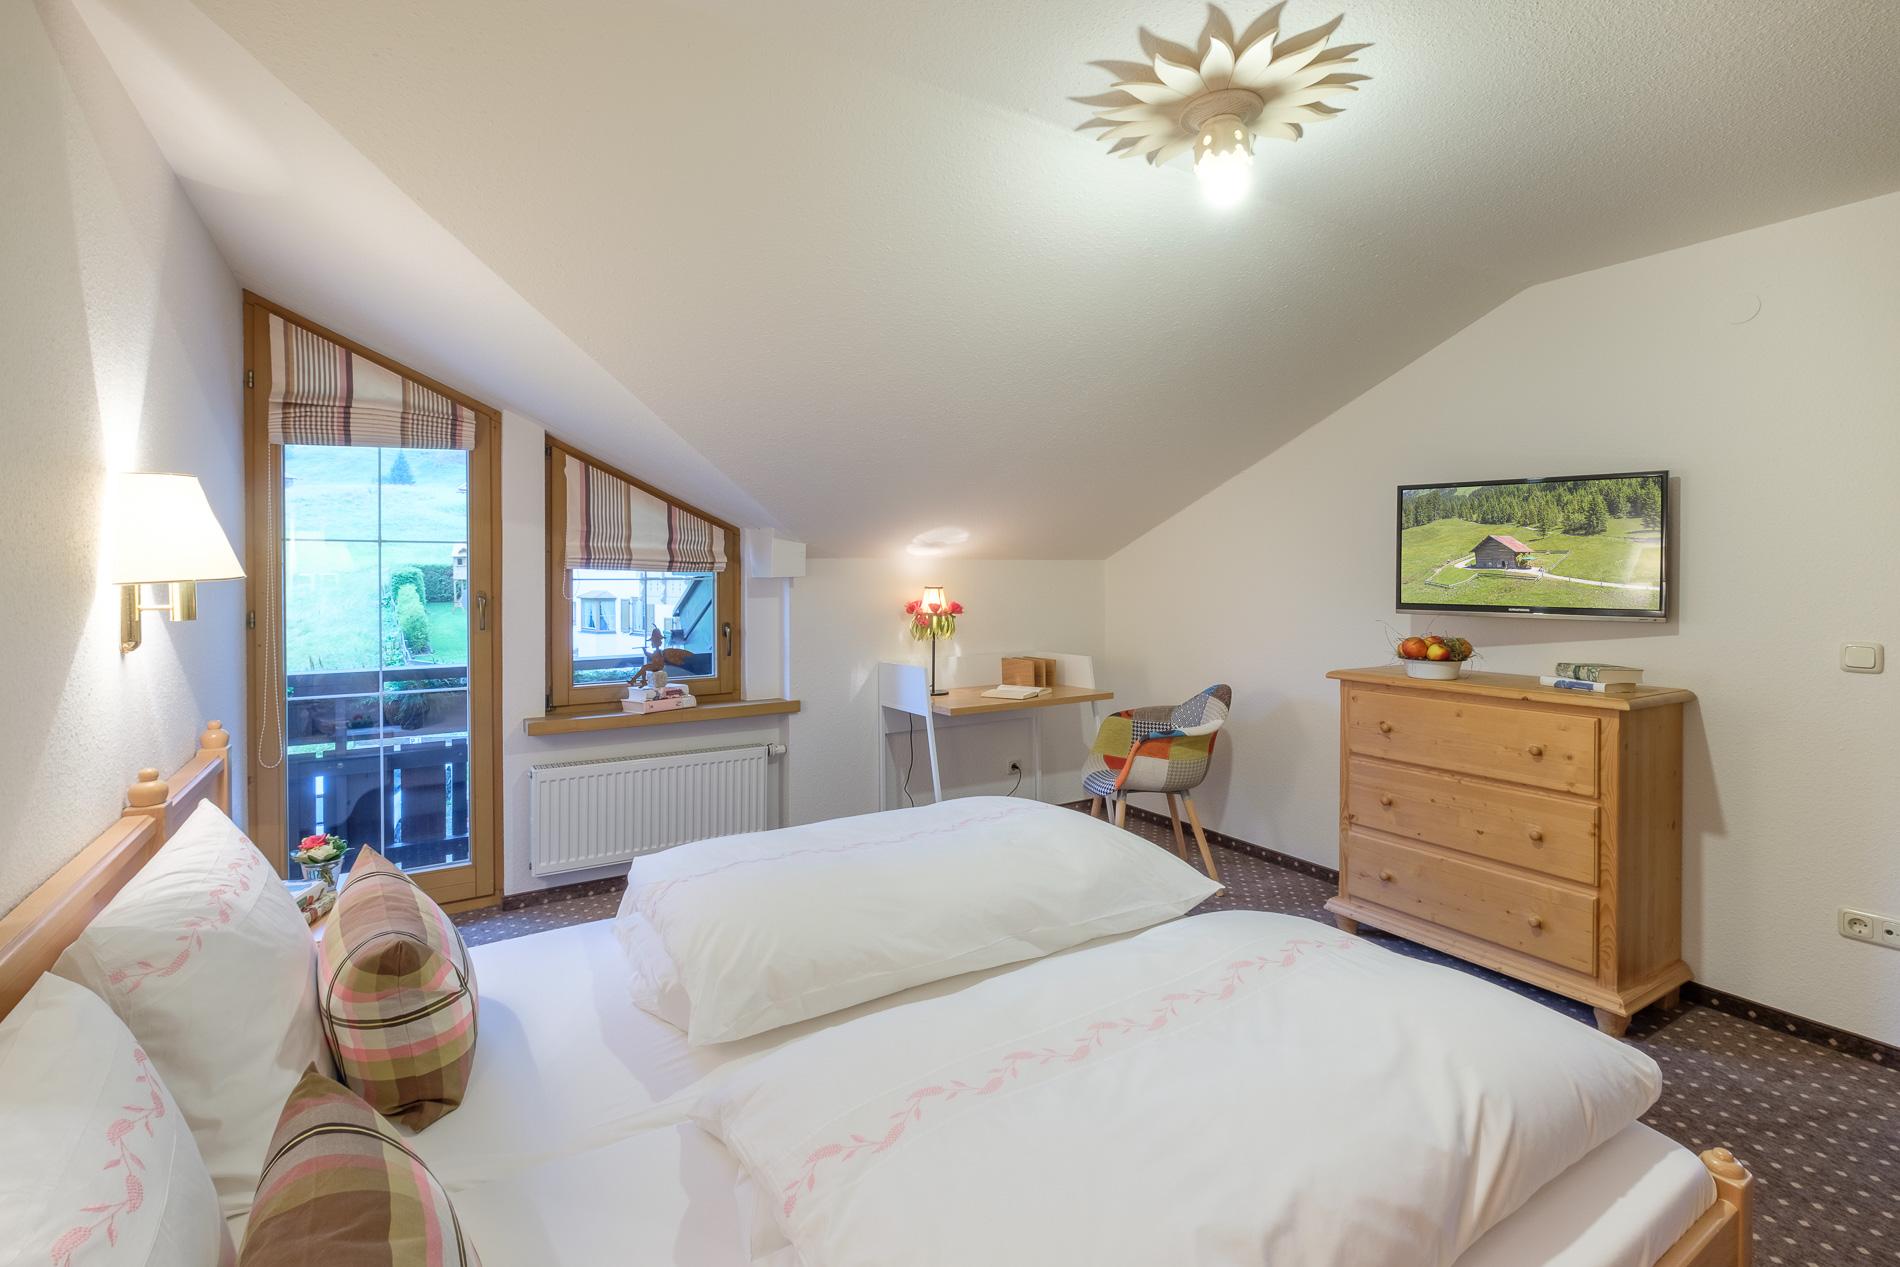 Schlafzimmer mit kleinem Zierbalkon und 2. Flat-TV.